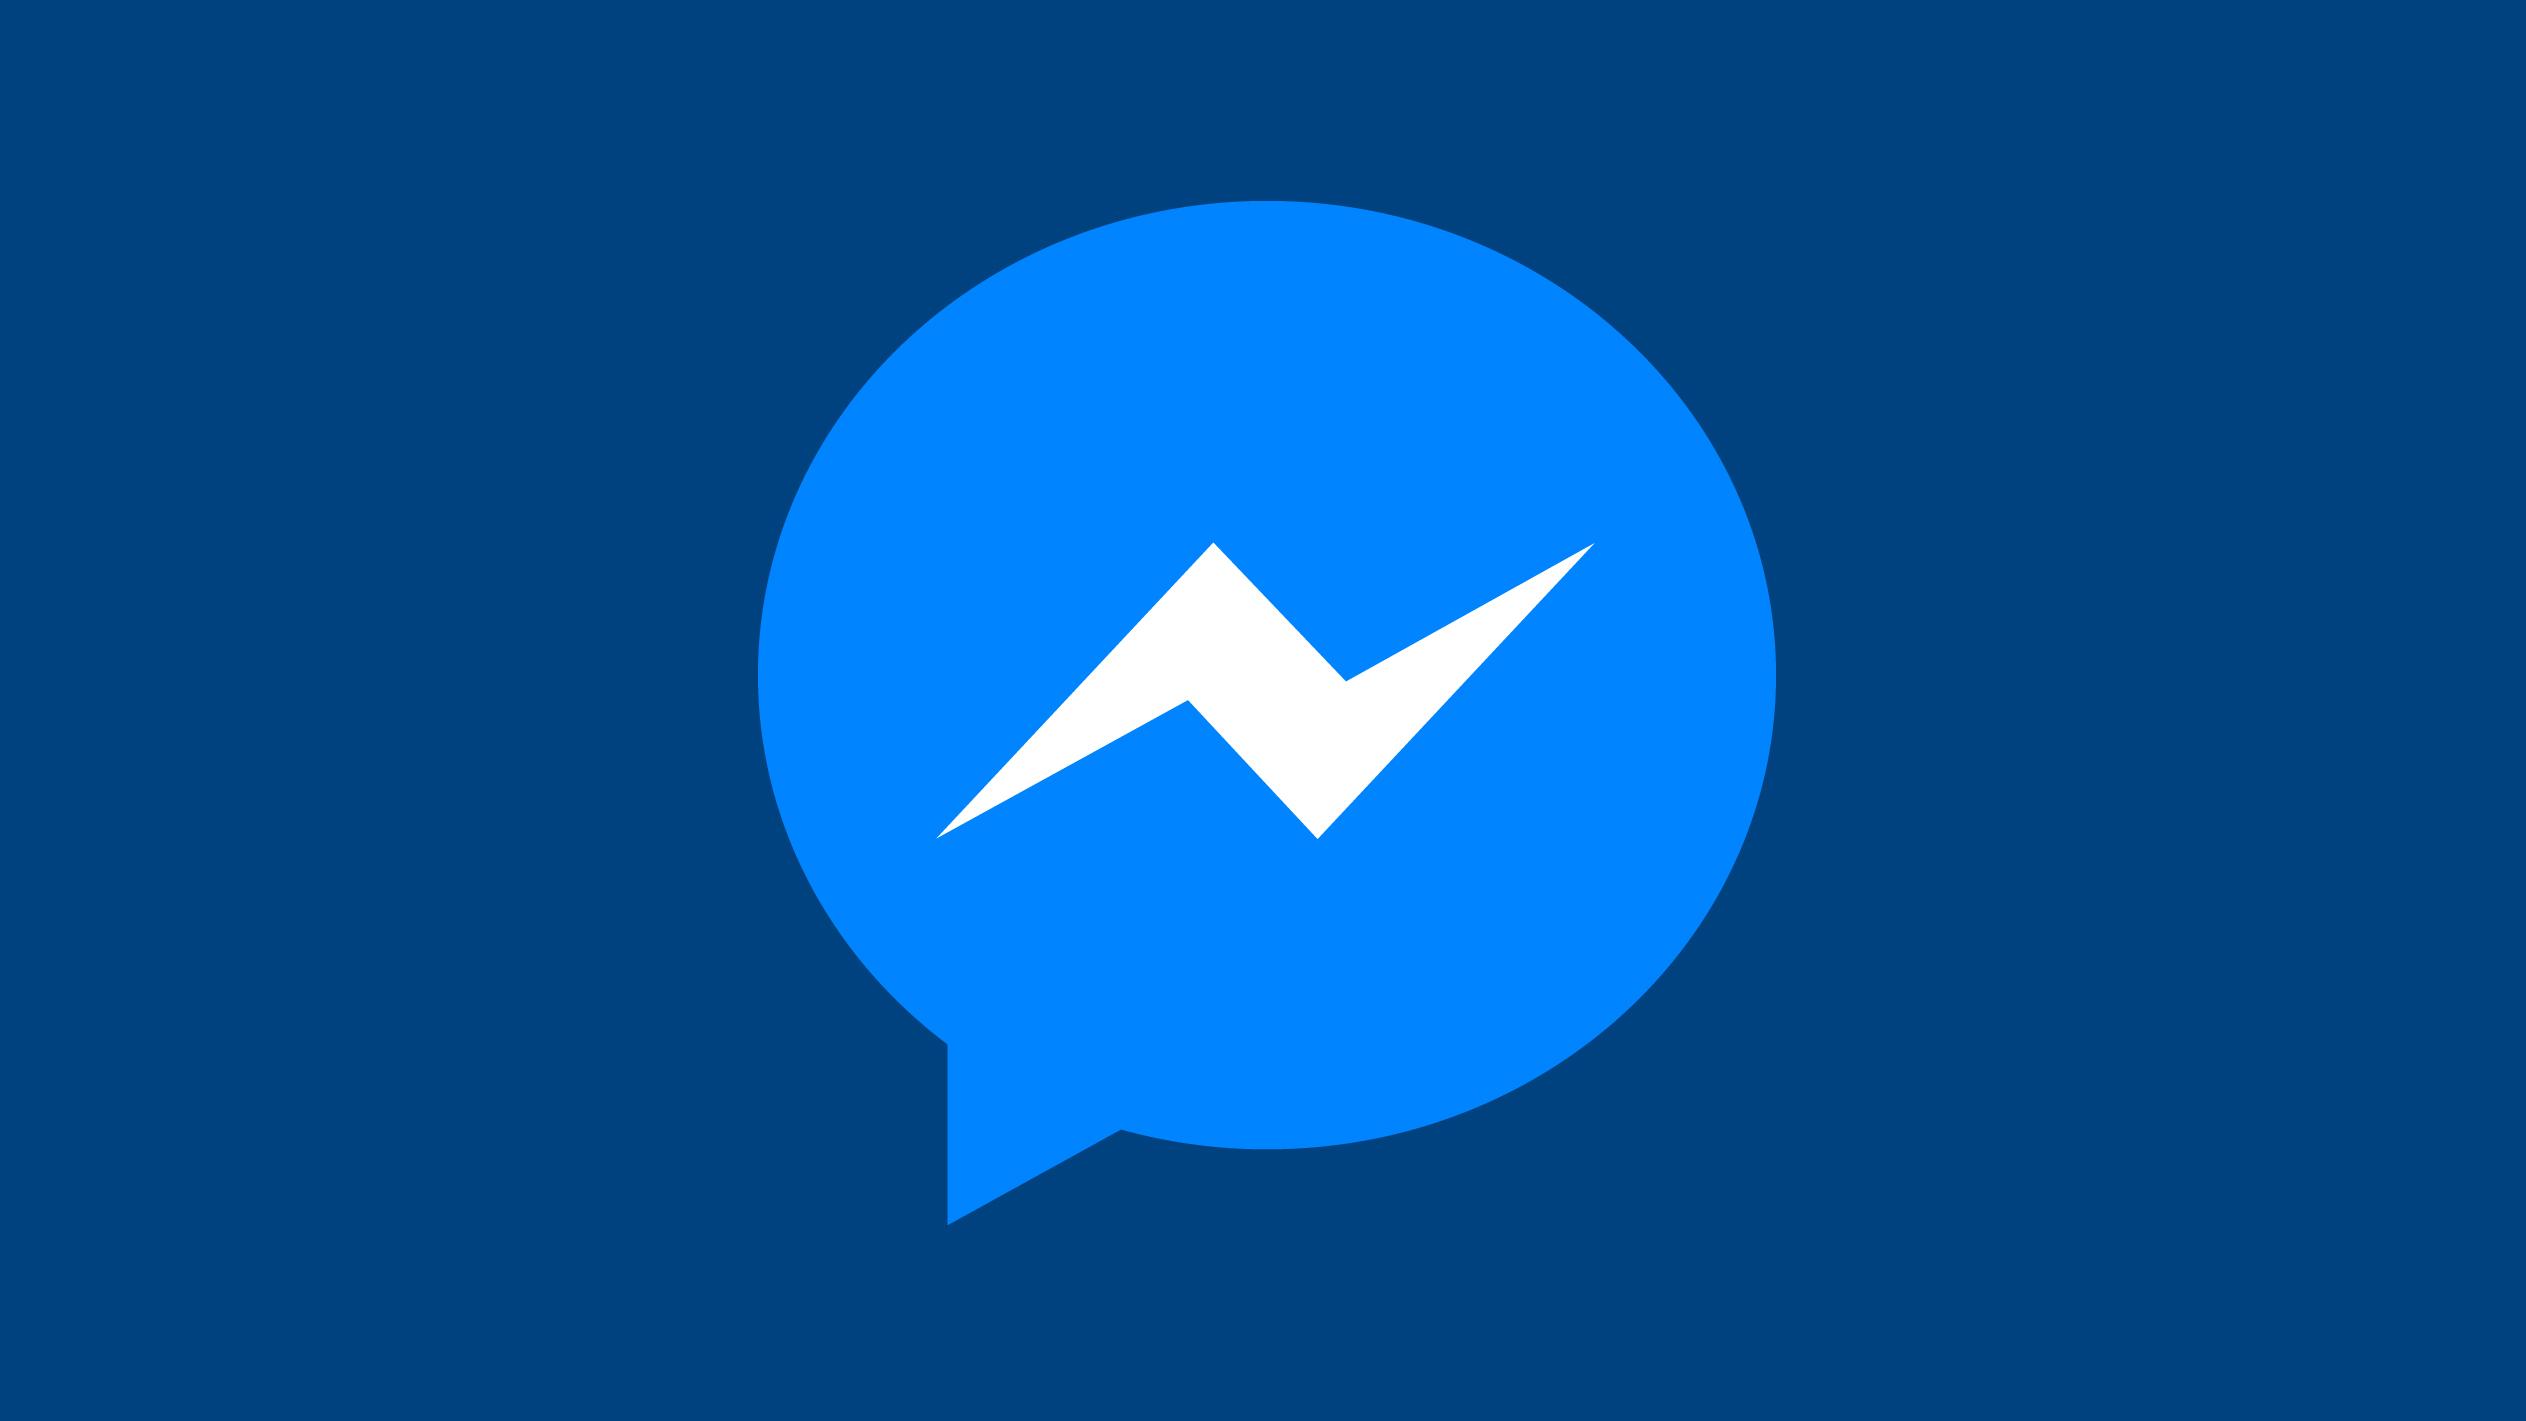 Conquiste leads e visibilidade através do Facebook Messenger!